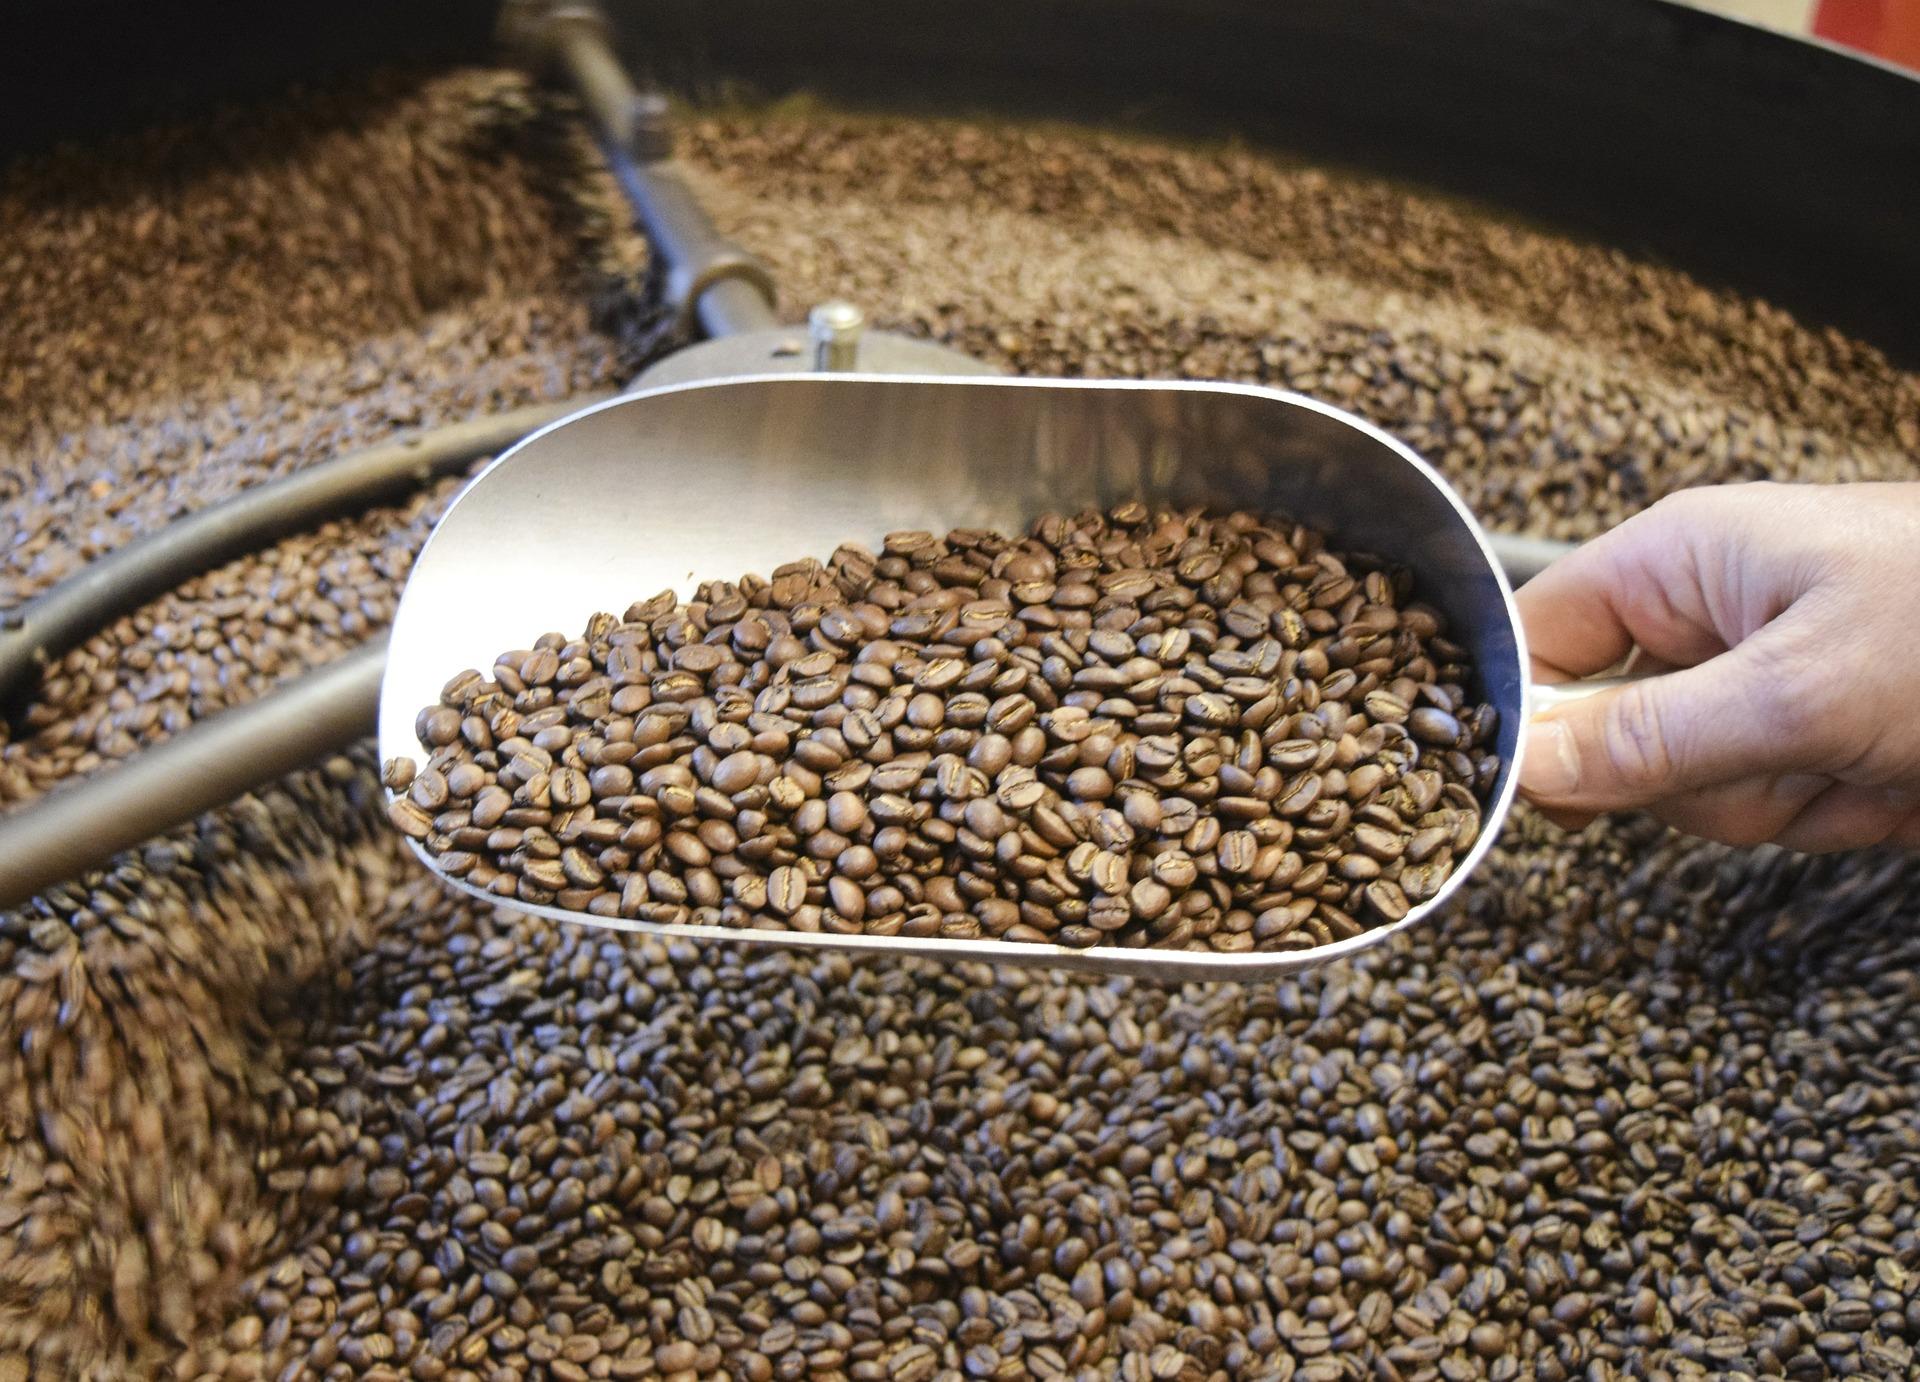 Spezialitätenkaffee vs. Industriekaffee